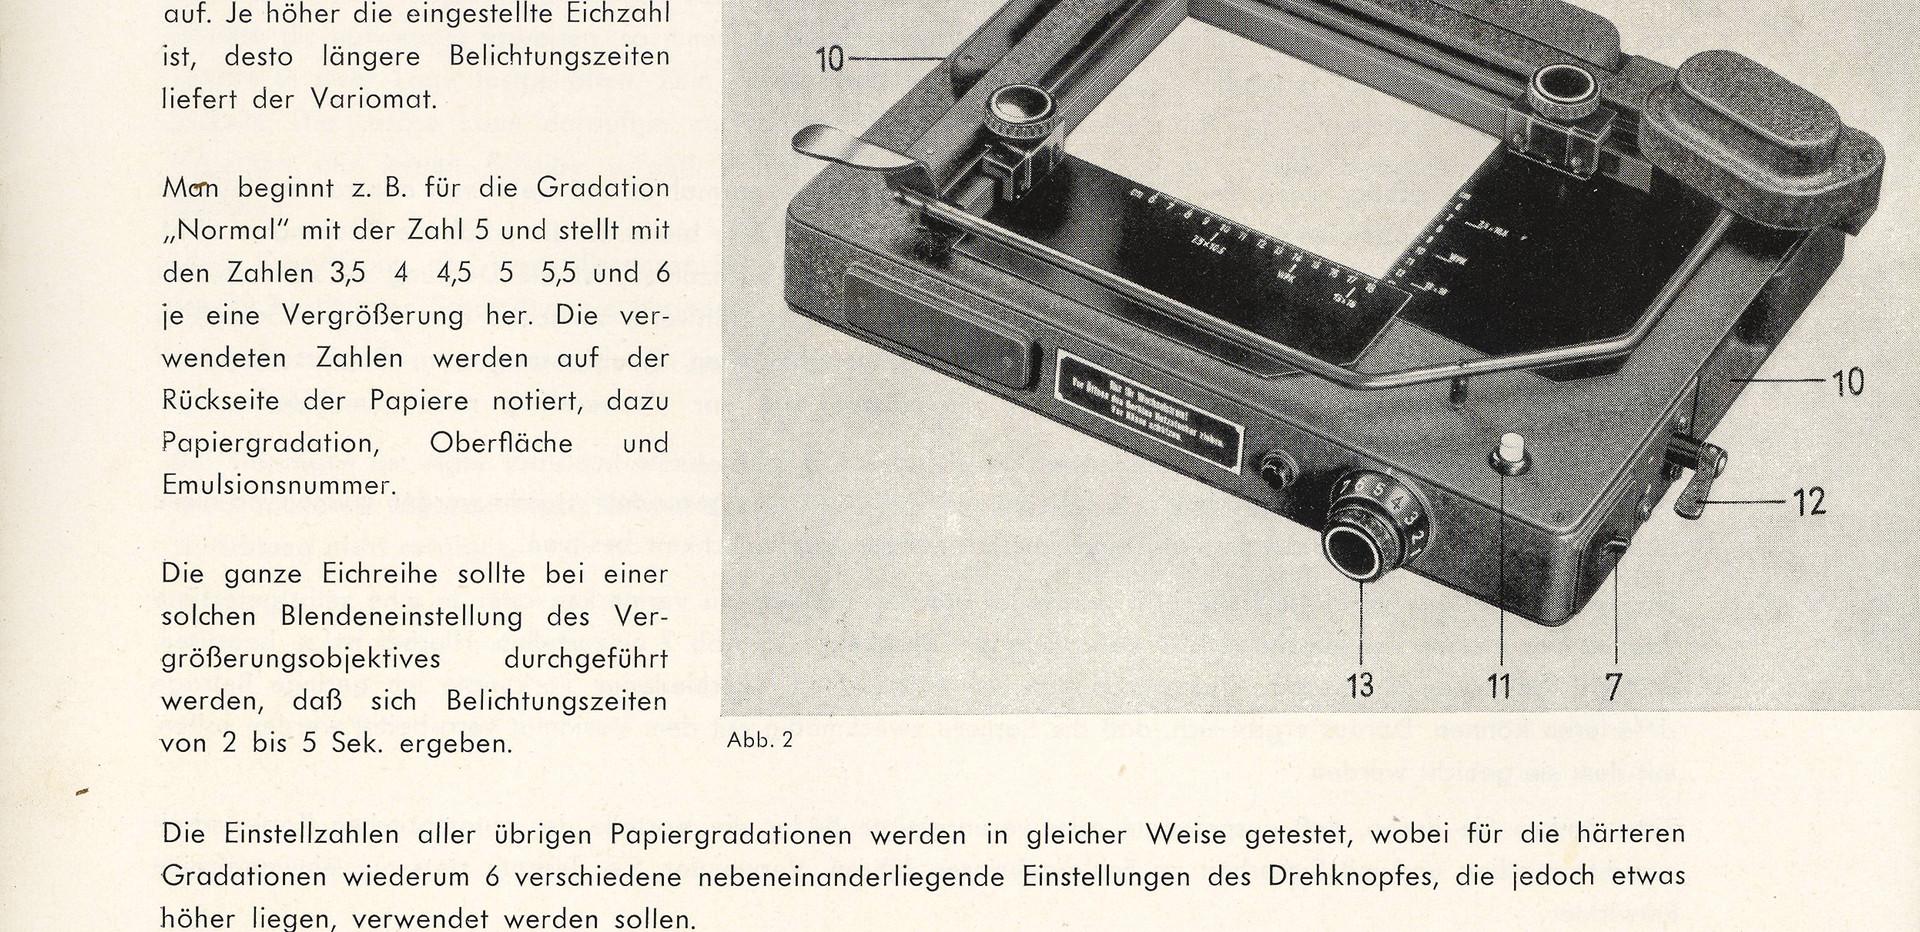 Agfa Beschreibung Variomat Seite 9.jpg